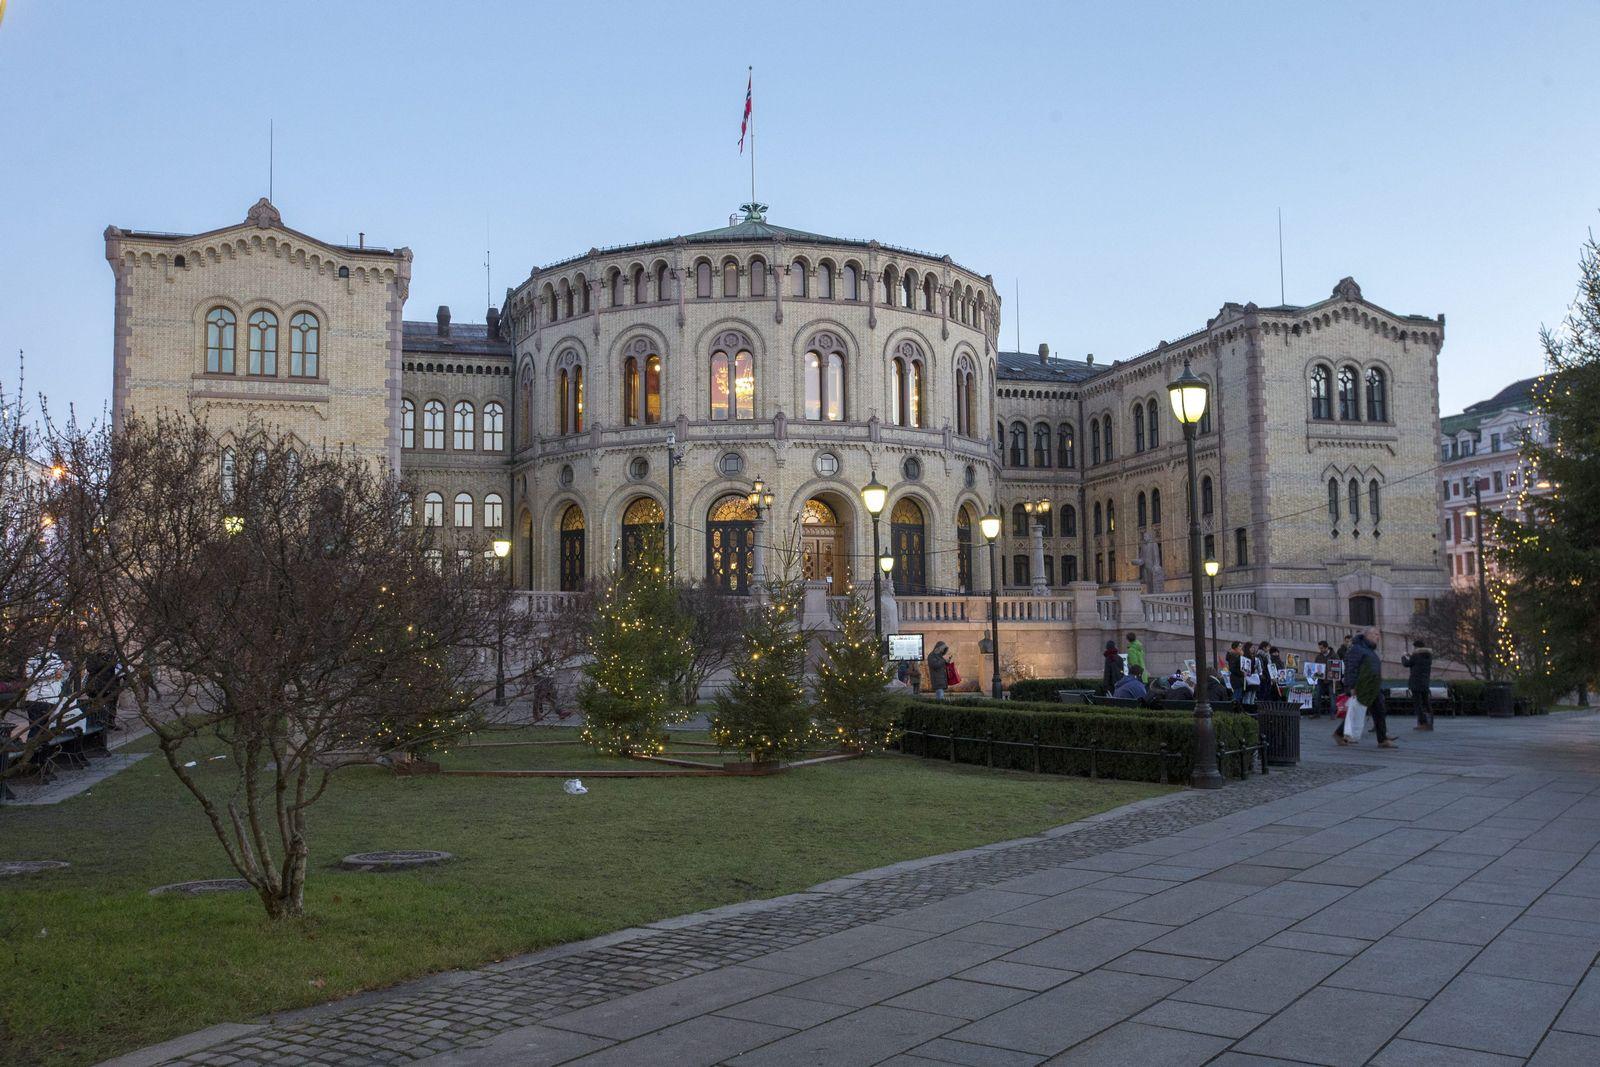 Secret Surveillance Equipment found in Oslo